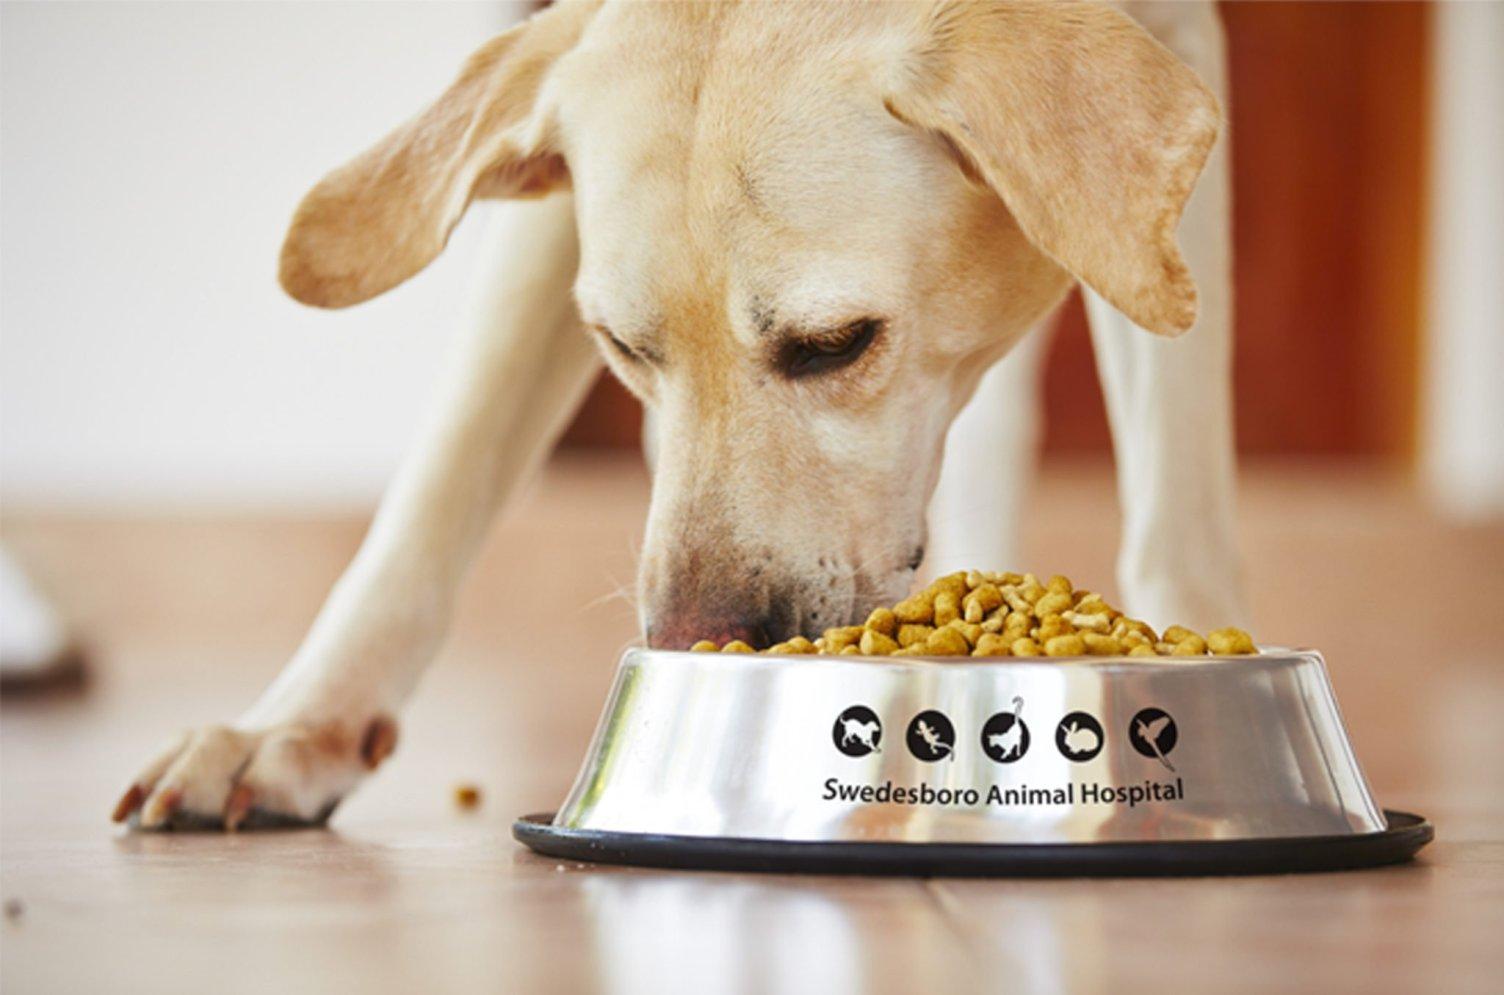 Swedesboro Animal Hospital Dog Dish